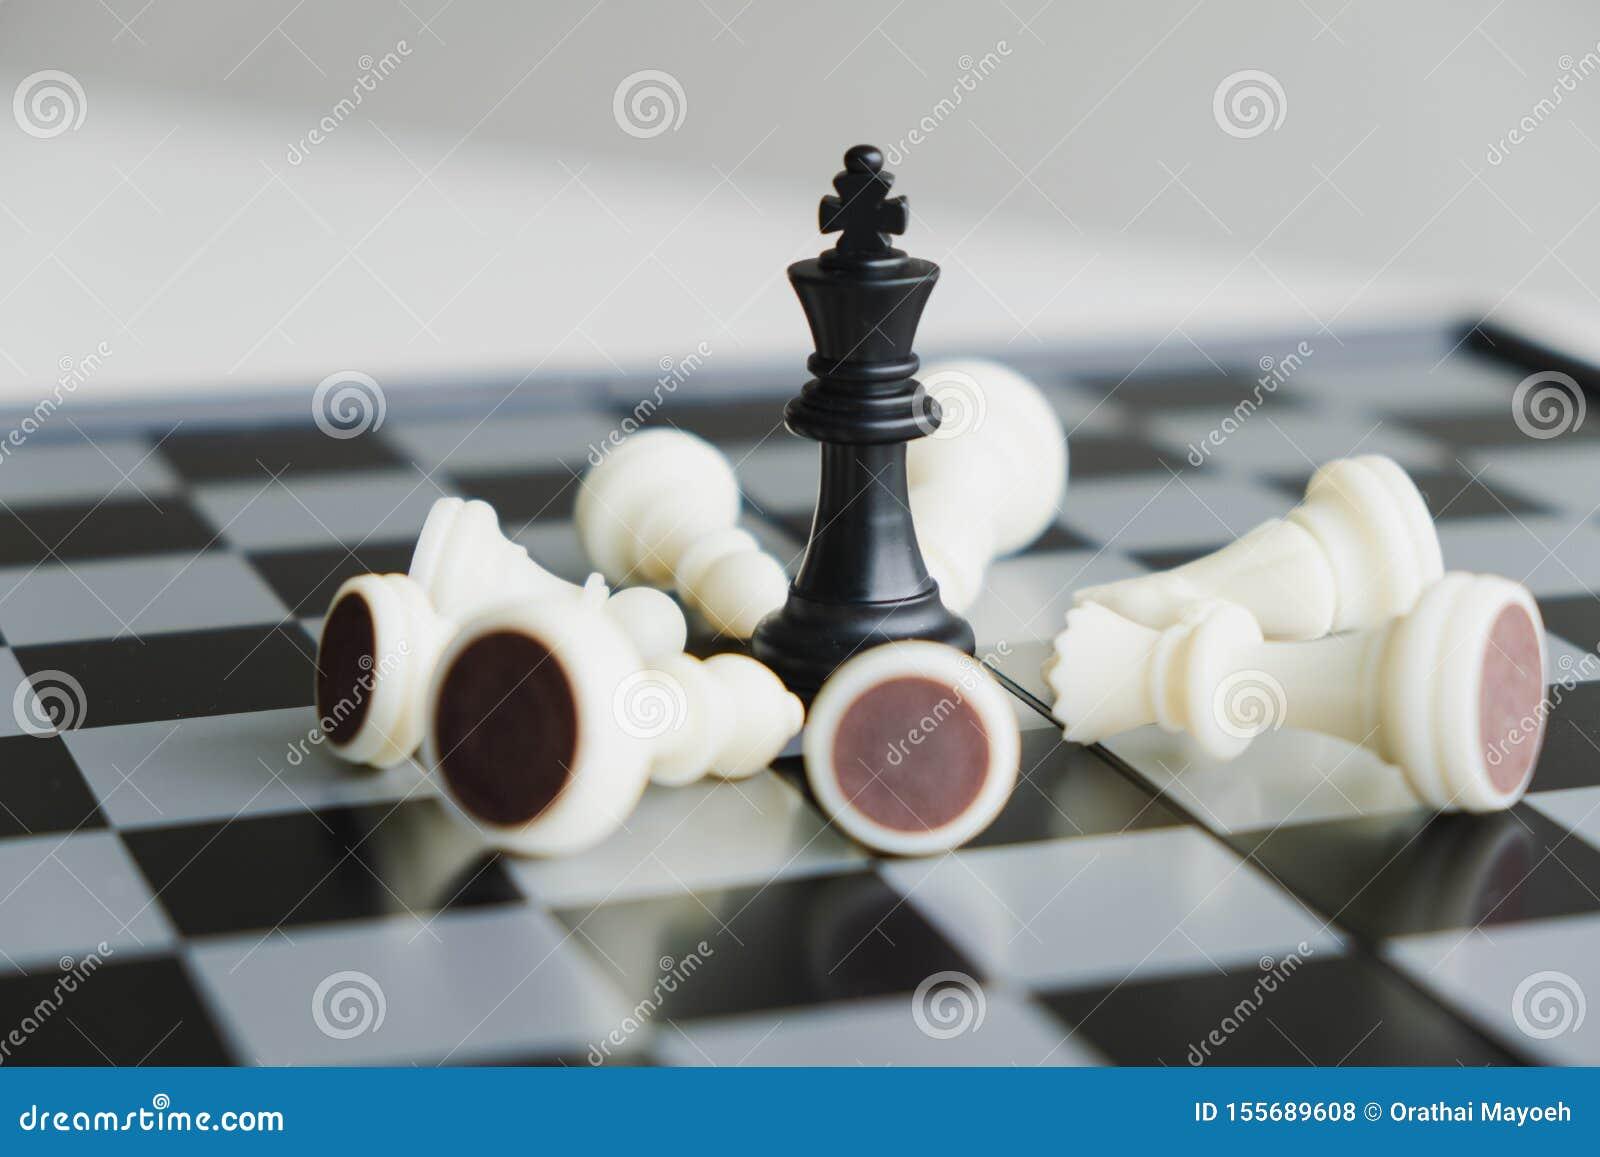 La scacchiera mostra la direzione, i seguaci e le strategie di successo di affari